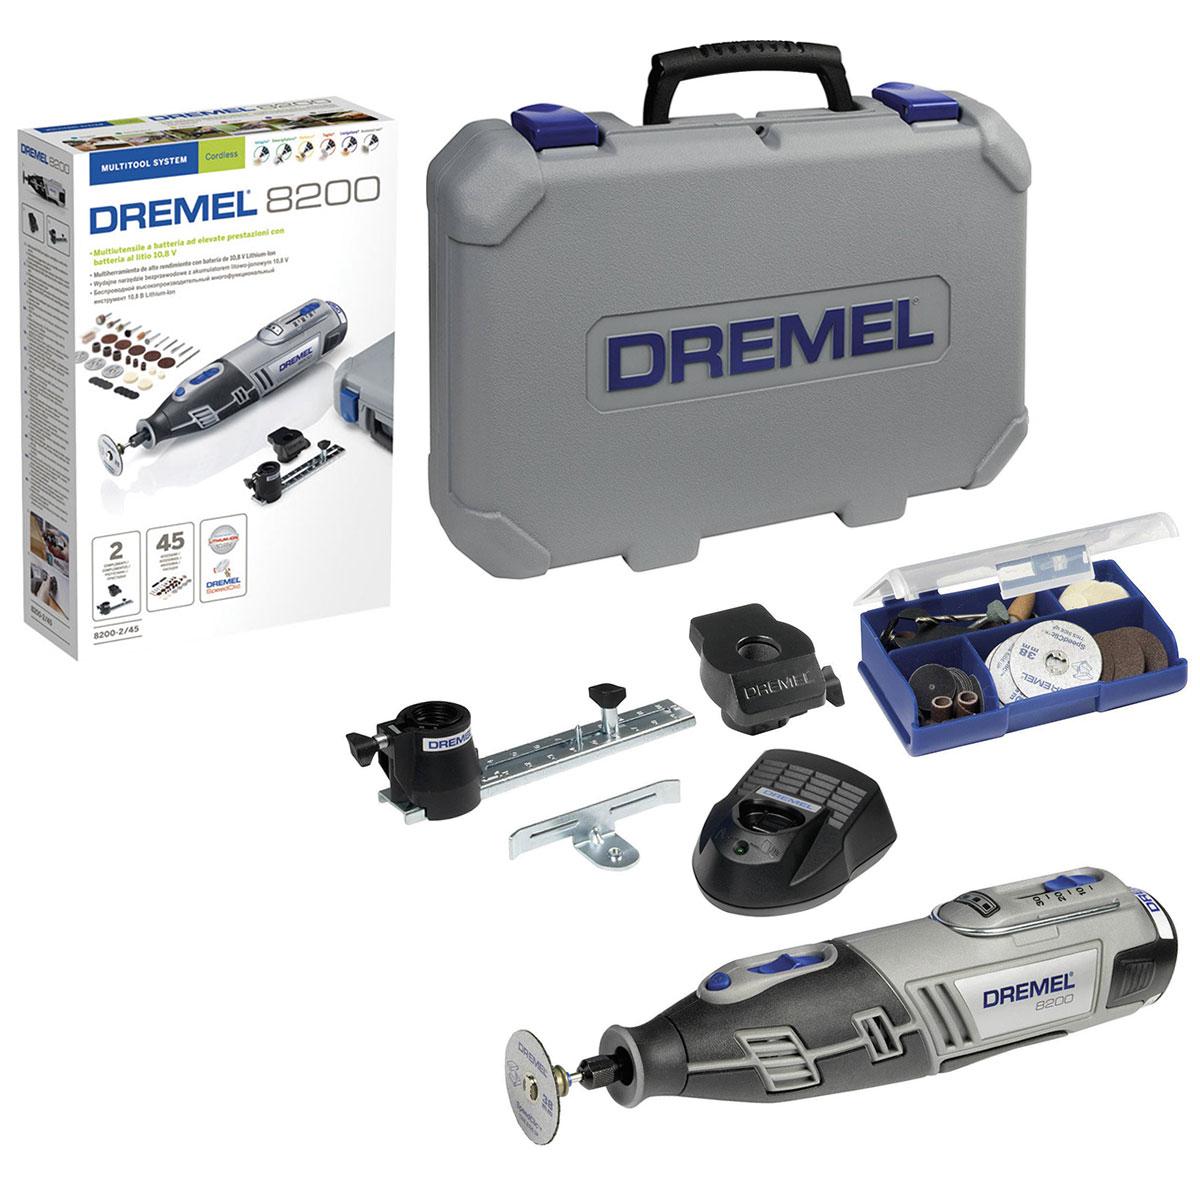 8200 دريميل متعدد الأدوات